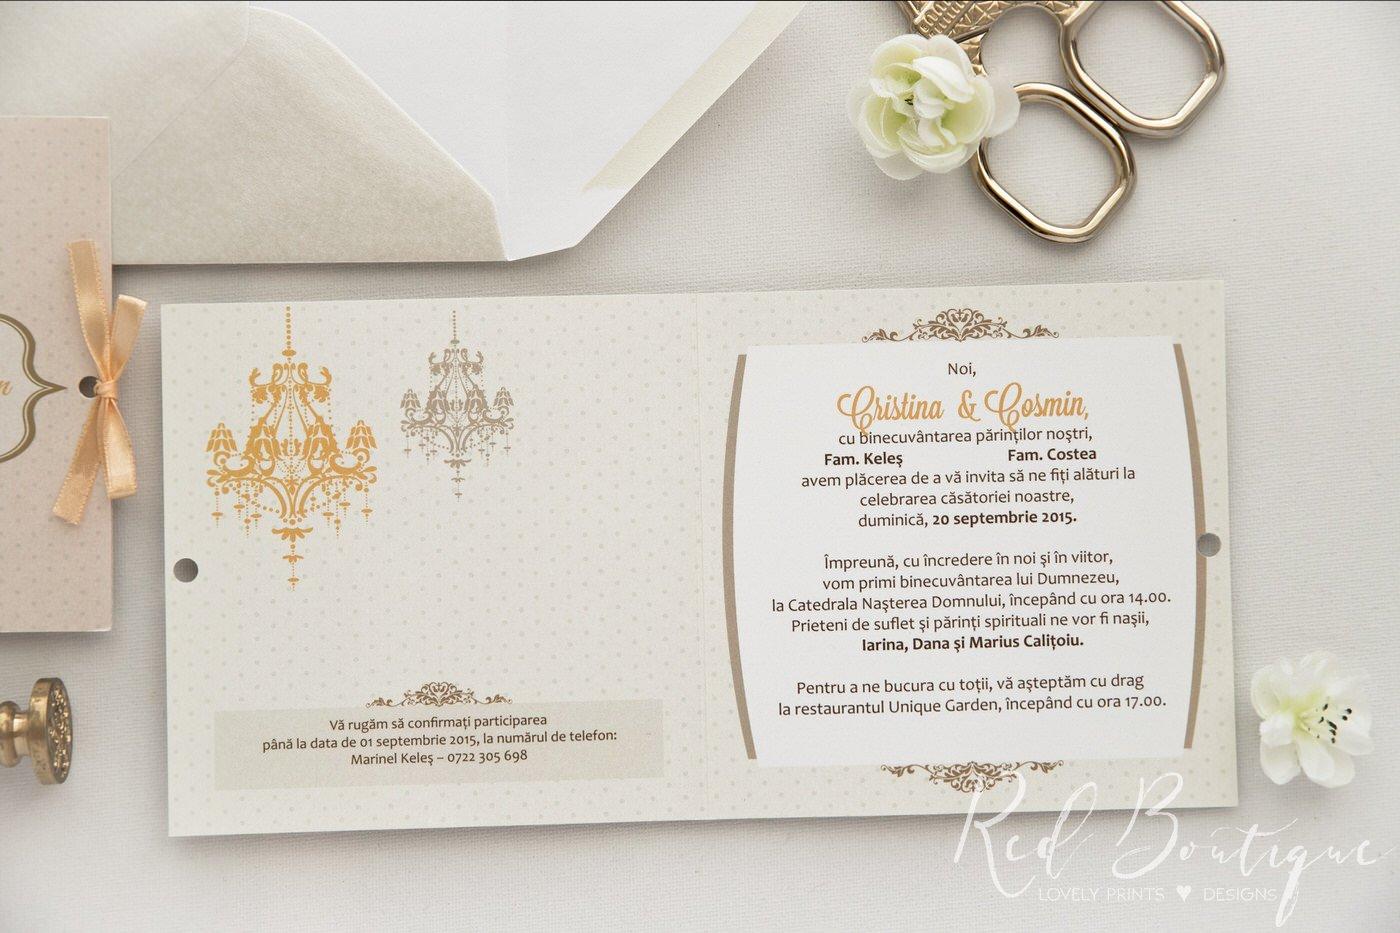 invitatie de nunta chic crem cu candelabru si funda prinsa pe lateral cu satin